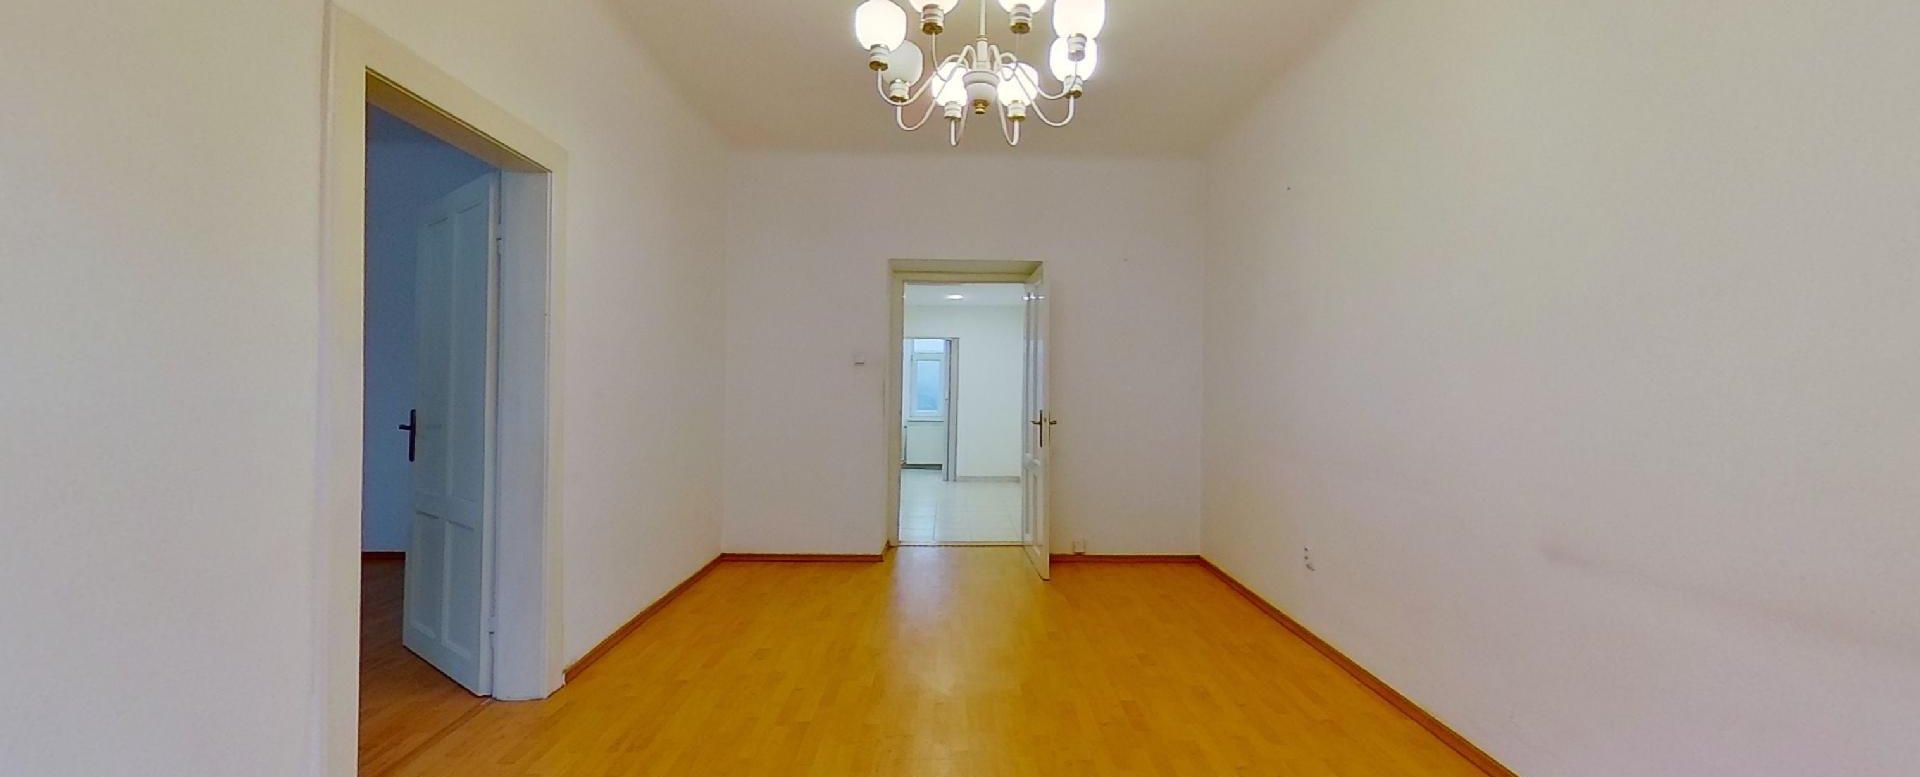 Pohľad do izby 2